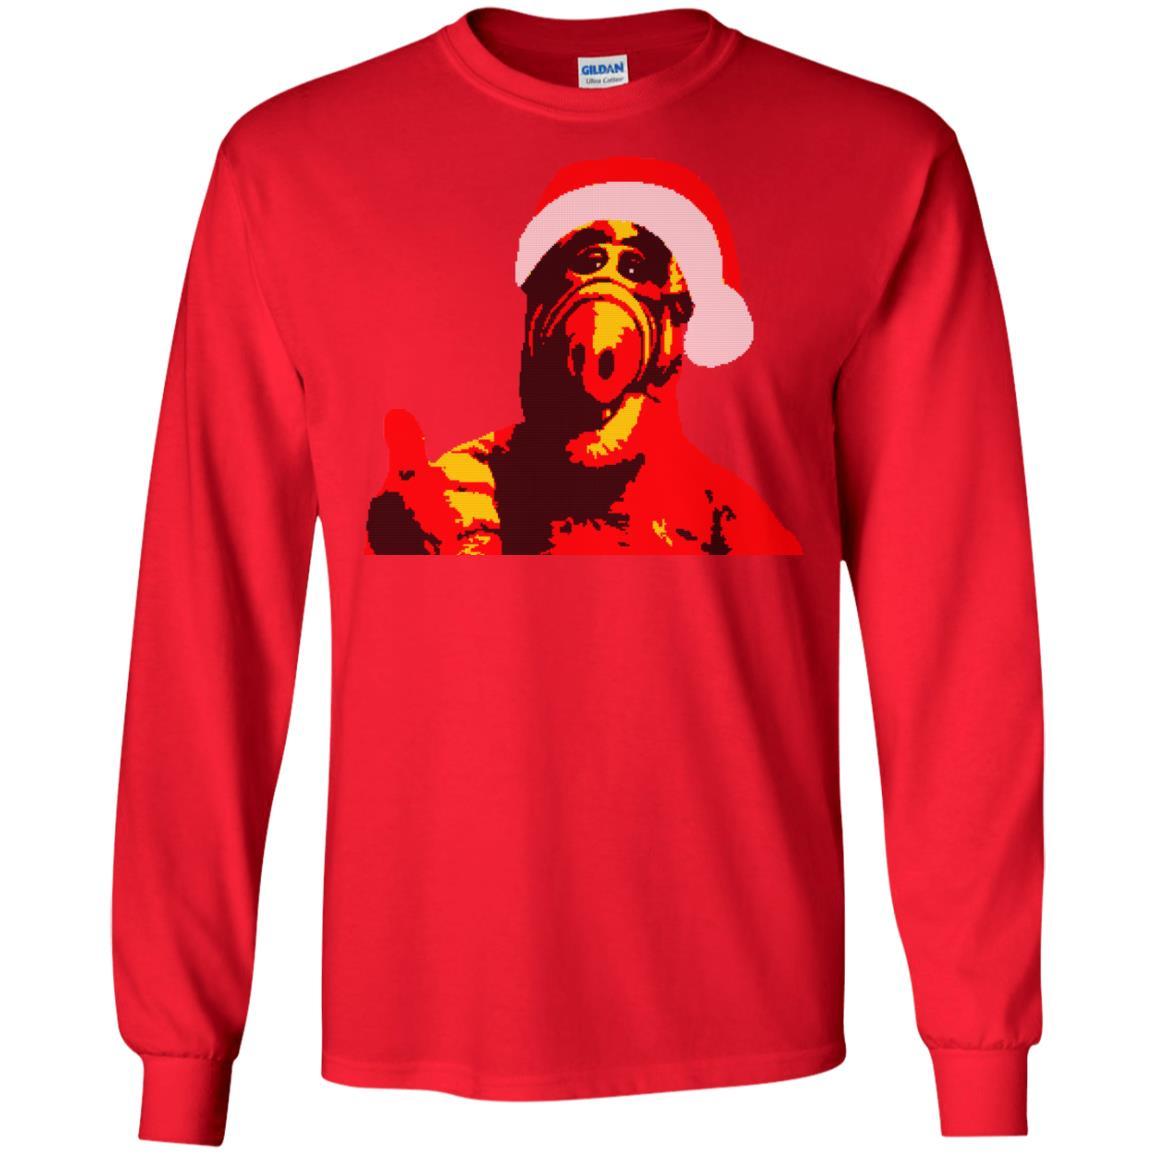 image 1025 - ALF Christmas Sweater, Hoodie, Long Sleeve